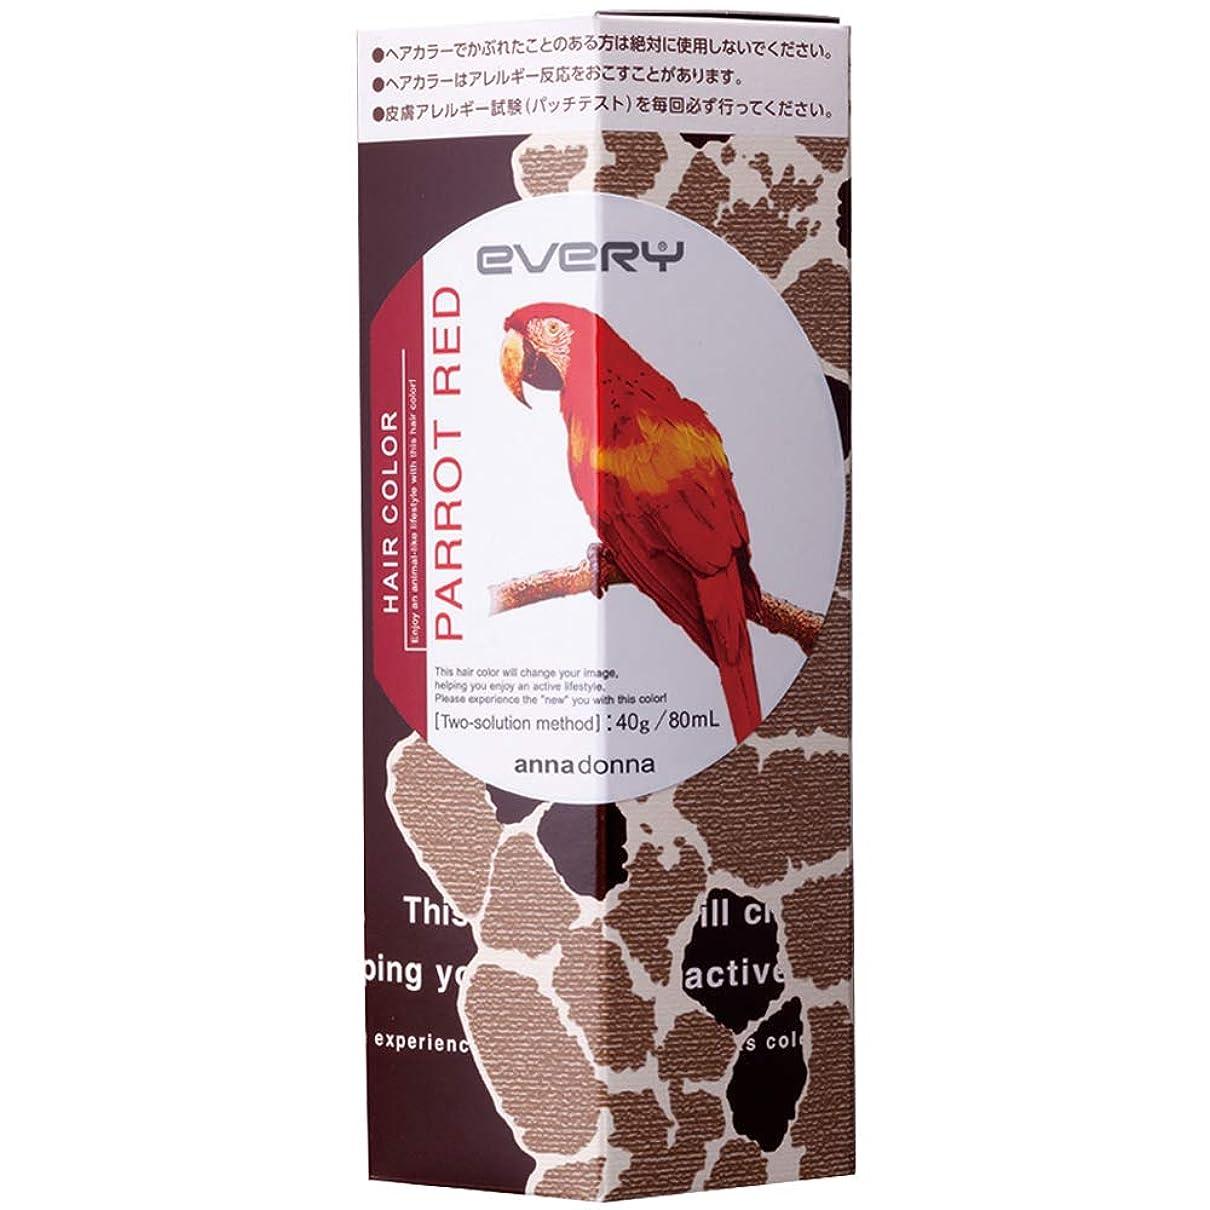 インフルエンザ茎チャーターアンナドンナ エブリ ヘアカラー (パロットレッド) 1剤40g 2剤80ml 【HTRC5.1】